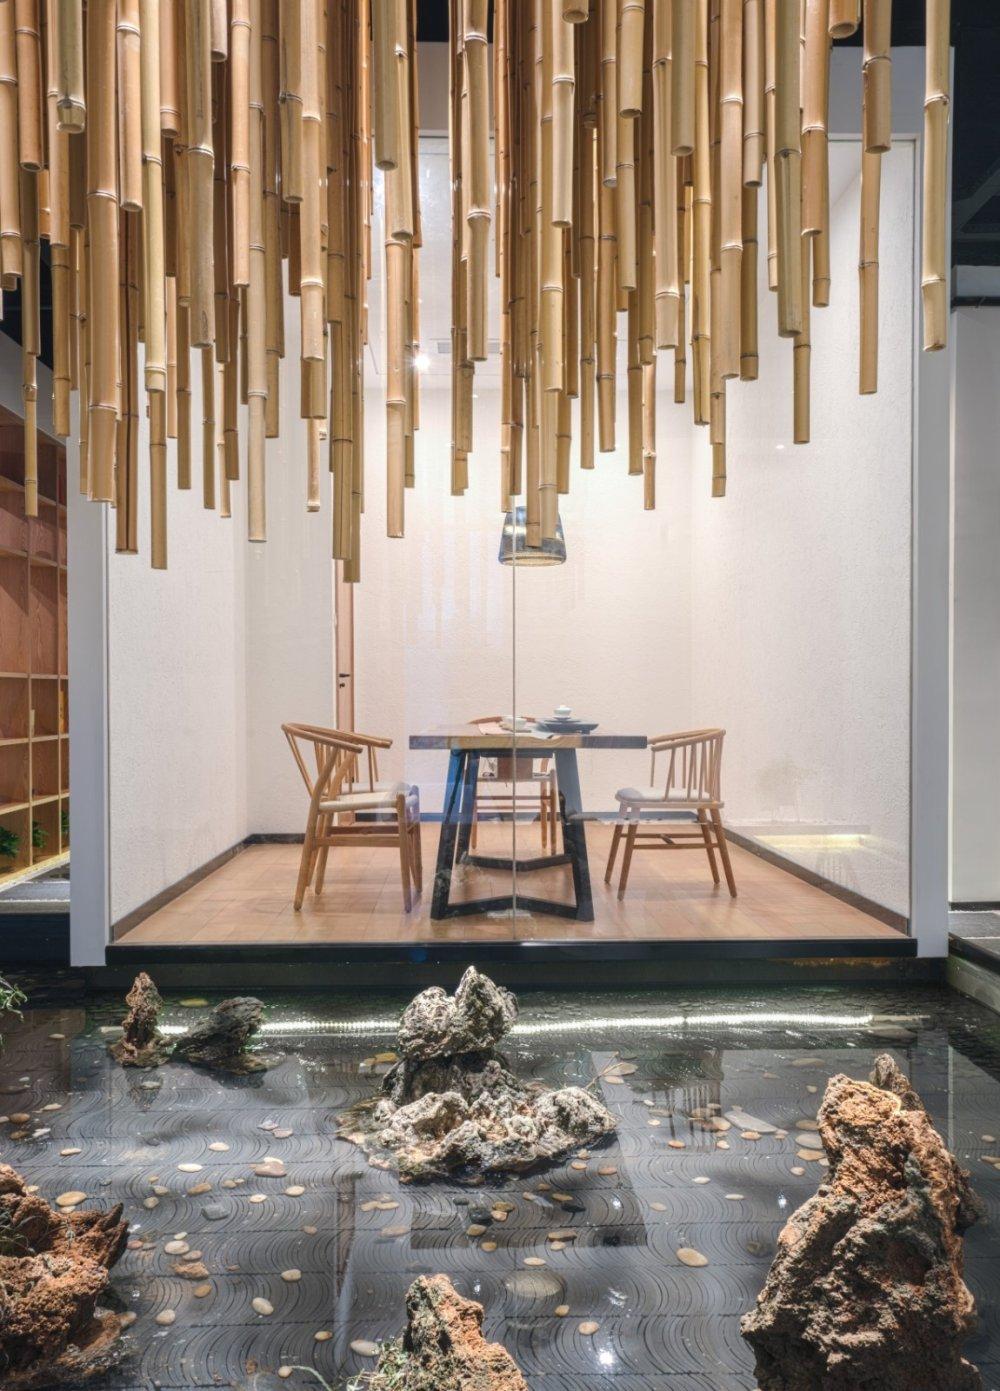 淀川设计事务所 - 自然素净的禅意空间——水之境茶馆_3.jpg